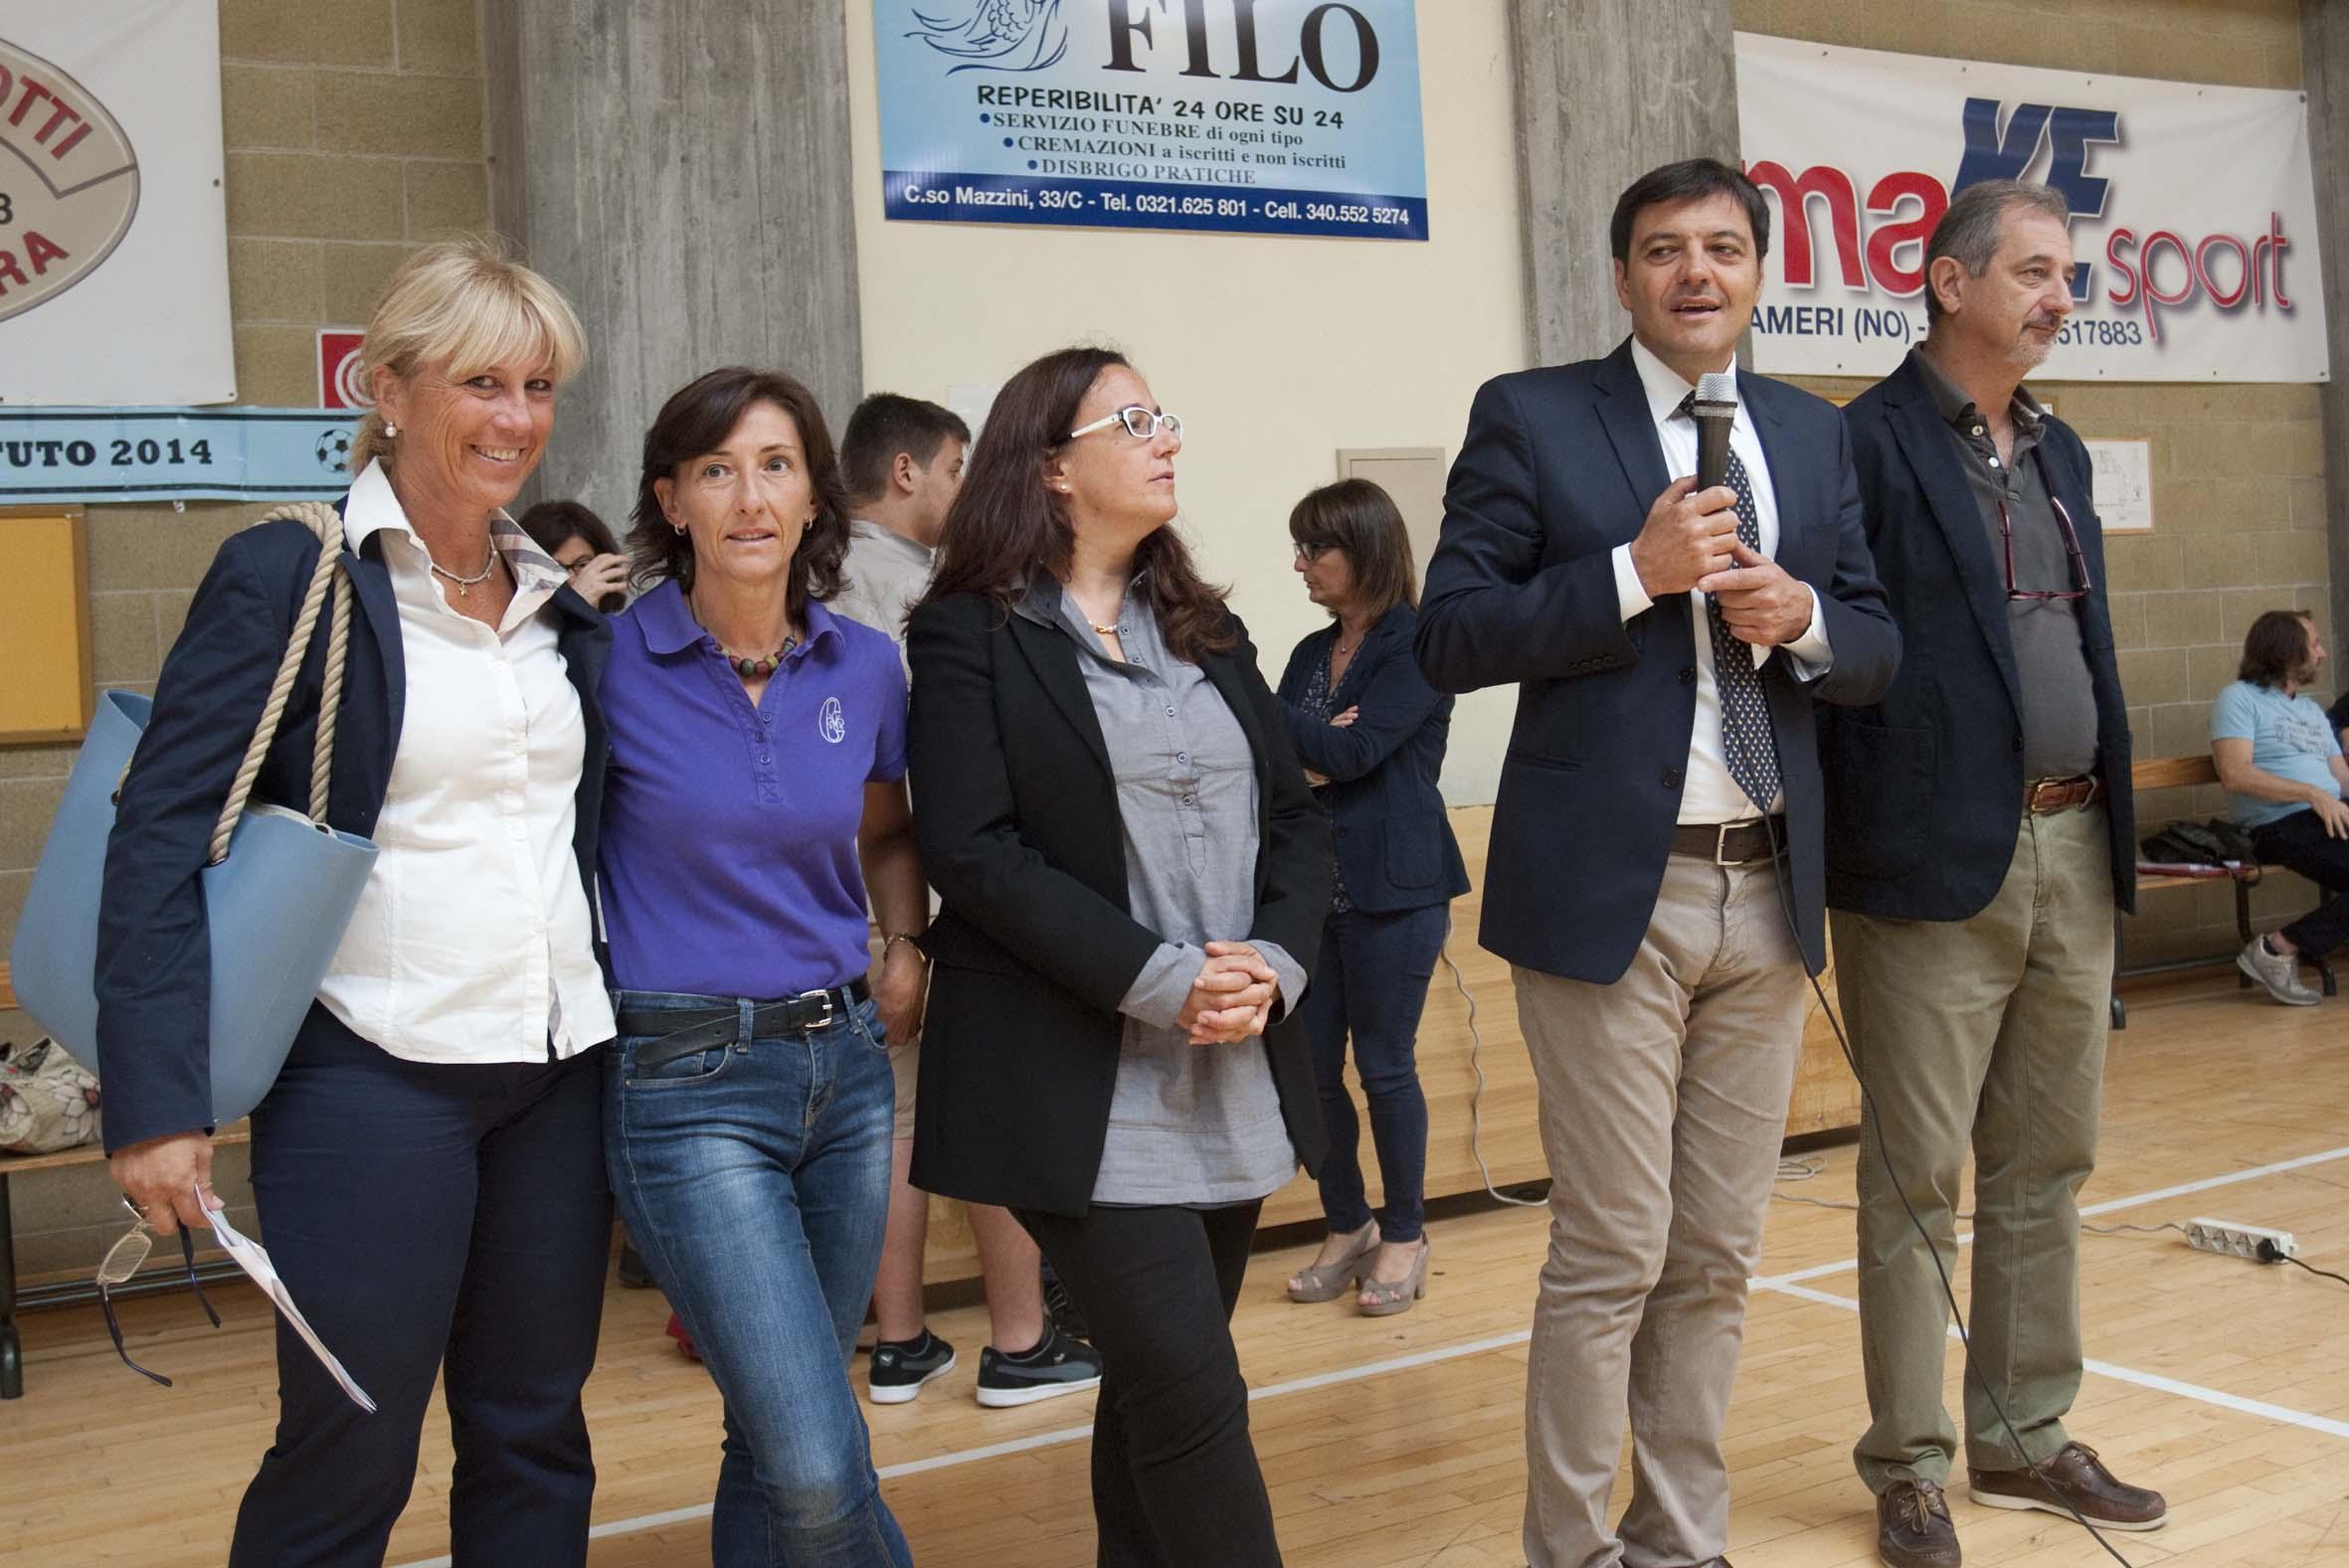 Rodari di Oleggio: primo giorno di scuola con inaugurazione della nuova struttura